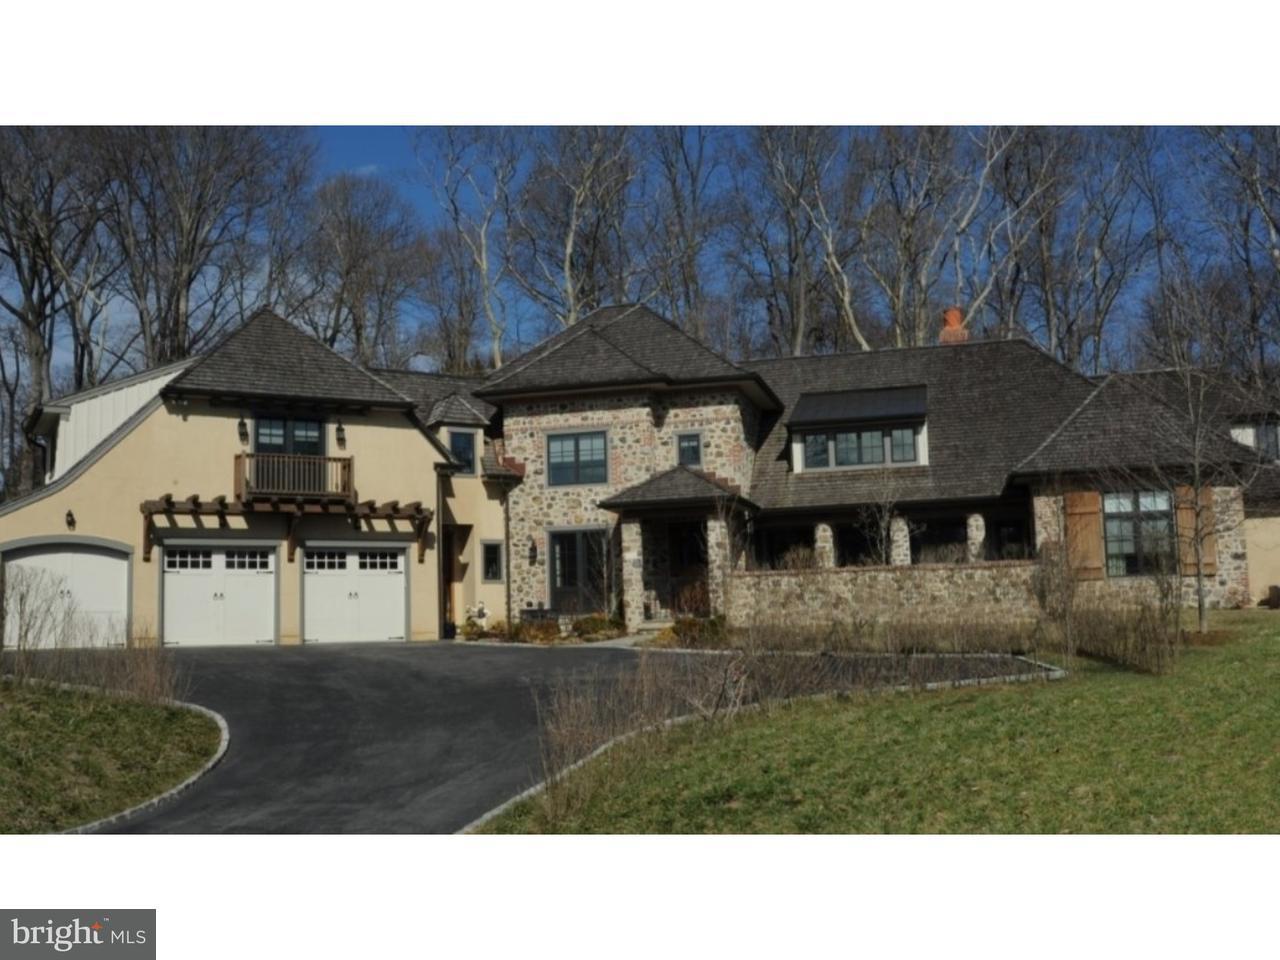 独户住宅 为 销售 在 109 DOVECOTE Lane 维拉诺瓦, 宾夕法尼亚州 19085 美国